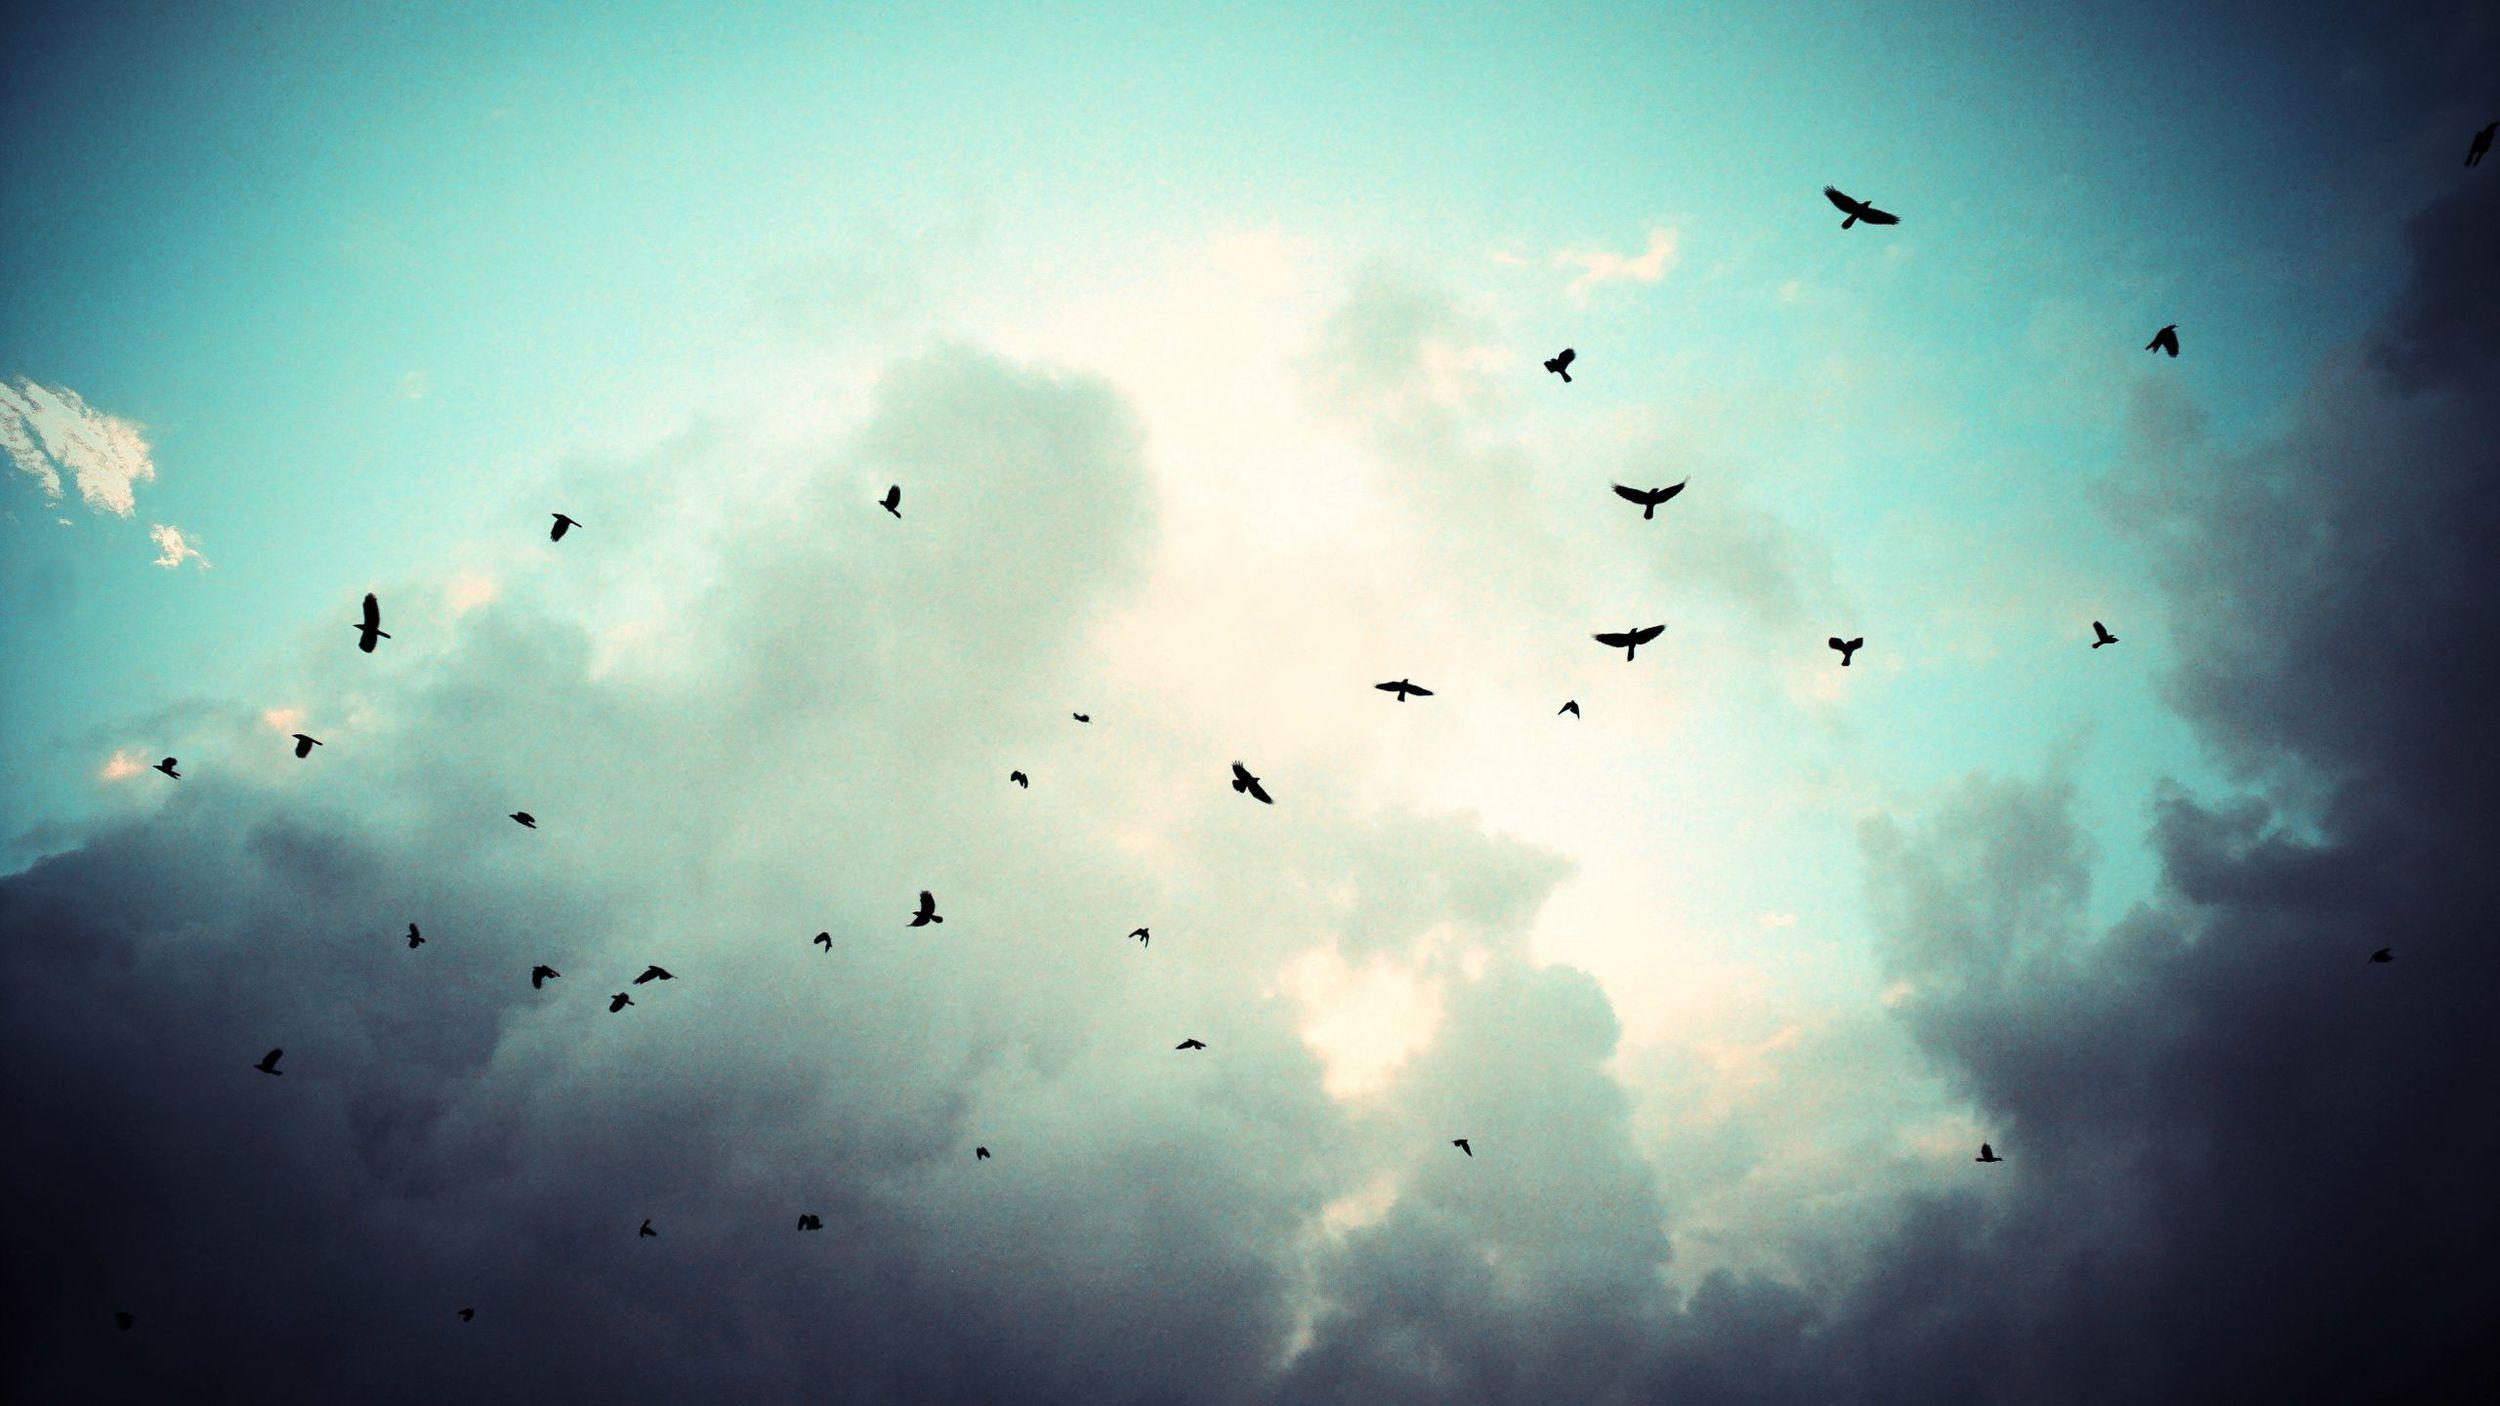 sky_and_birds_2560_x_1440_1396049021.jpg